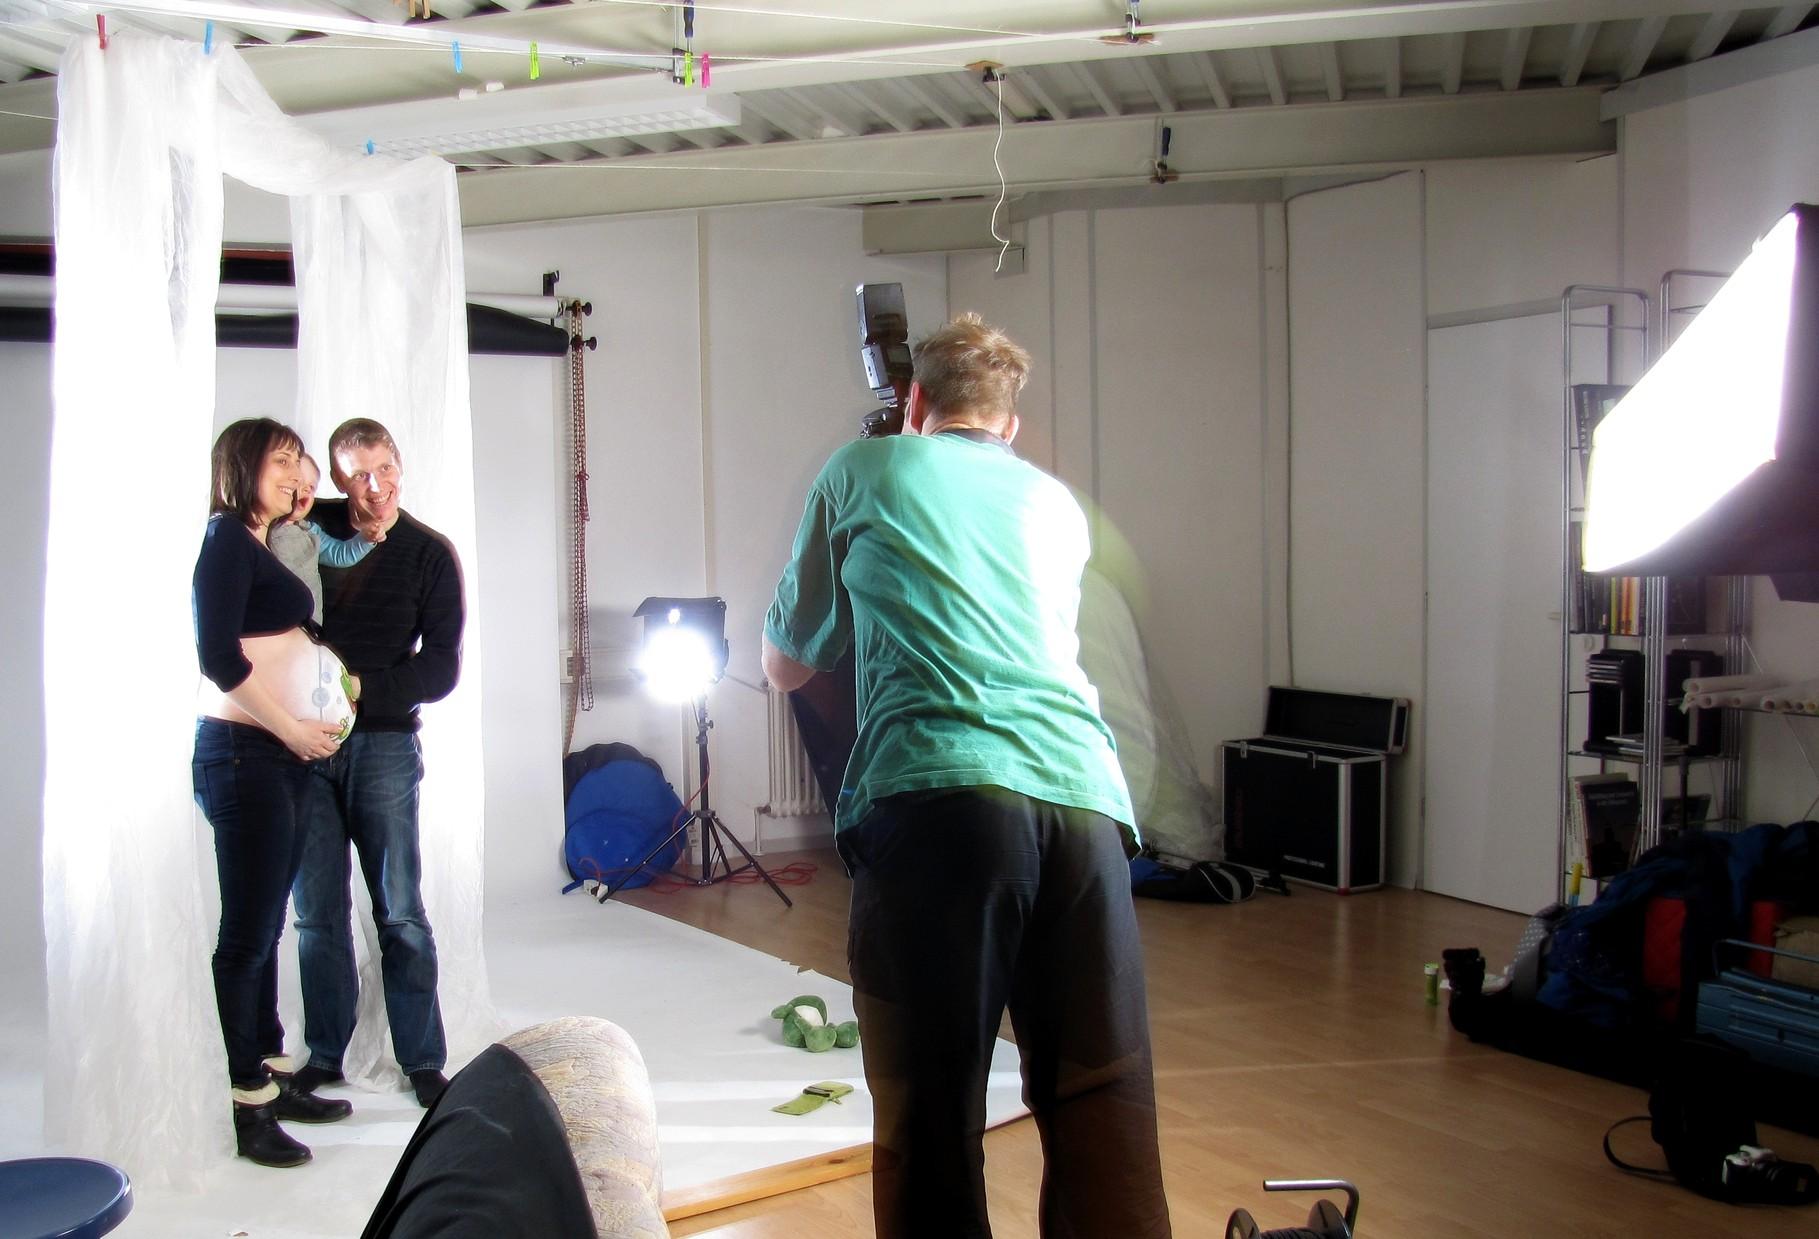 """Anschließendes lustiges Familien-Fotoshooting bei Volker Henkel - """"Fotomoment bei der Arbeit"""". ;) So in Aktion, dass ich kaum ein wackelfreies Bild von den 4 ähm 5 hinbekomme. ;)"""